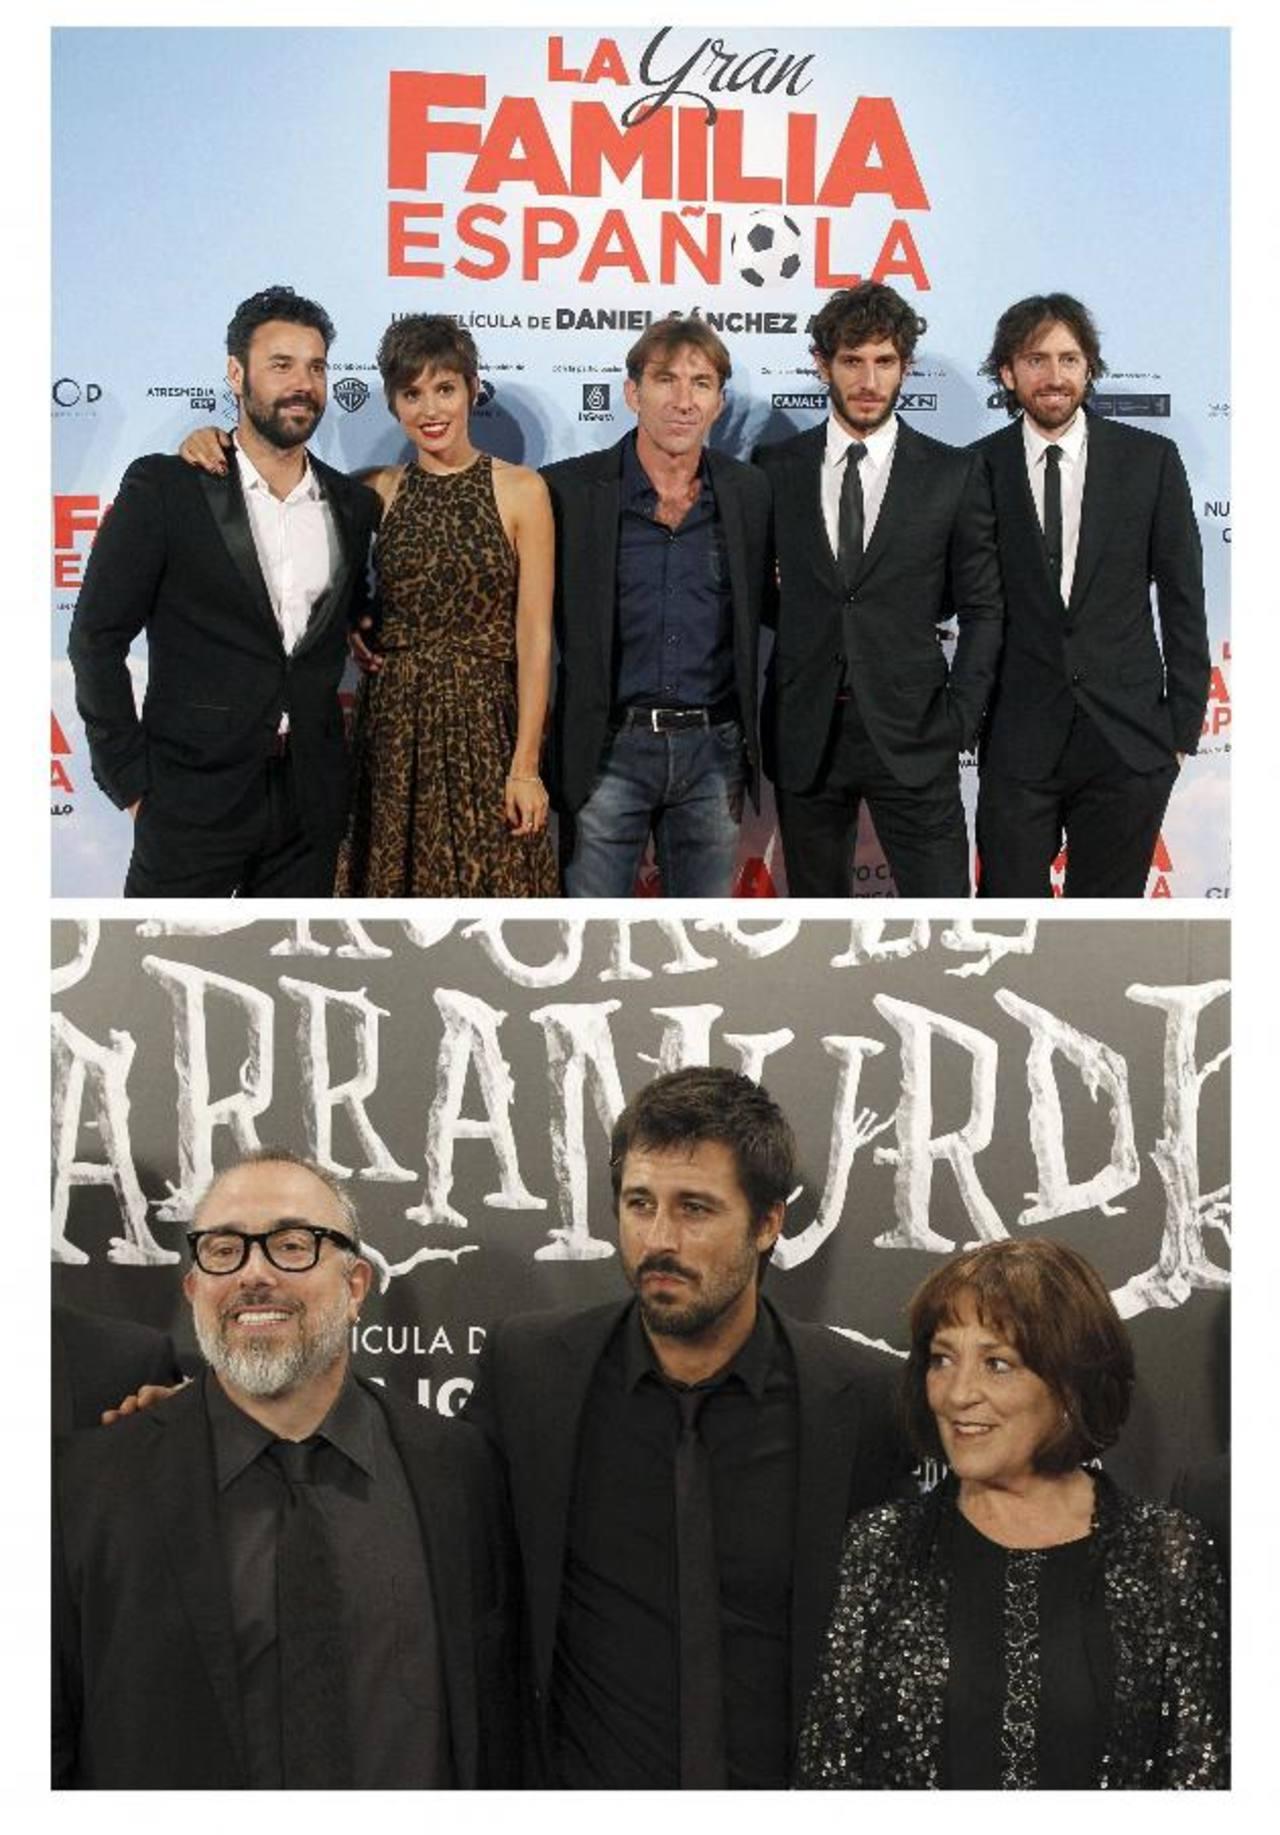 La gran familia española, de Daniel Sánchez Arévalo (d), la favorita para los galardones que se entregarán el 9 de febrero.